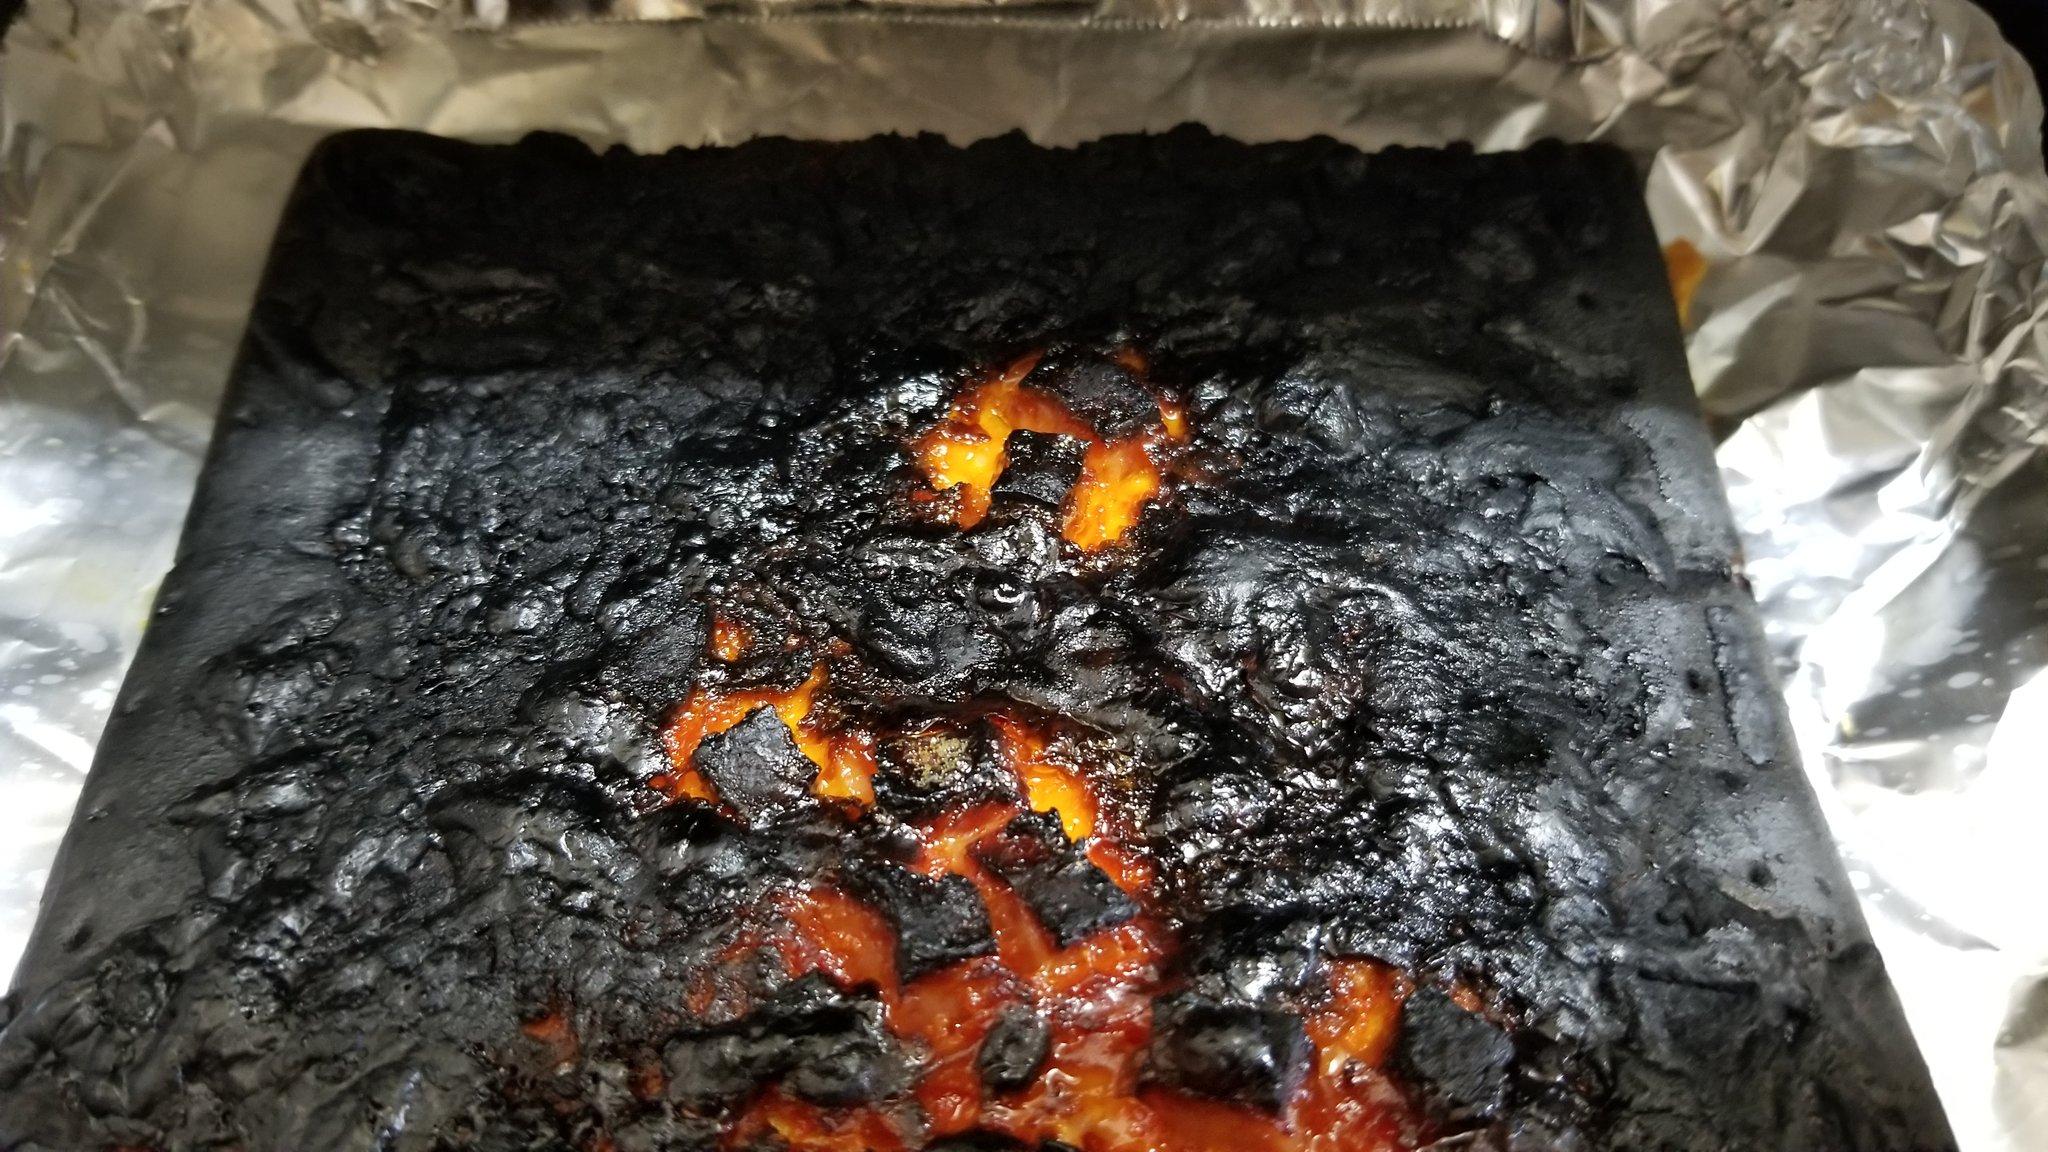 これは本当にピザ?ピザを作ったはずが溶岩が出来上がるwww